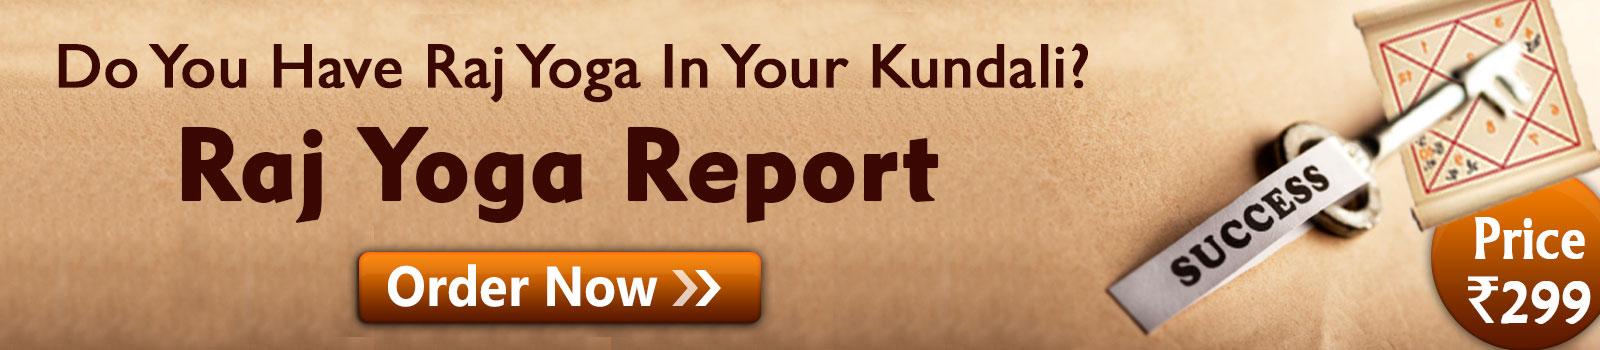 https://buy.astrosage.com/service/raj-yoga-report?prtnr_id=BLGEN